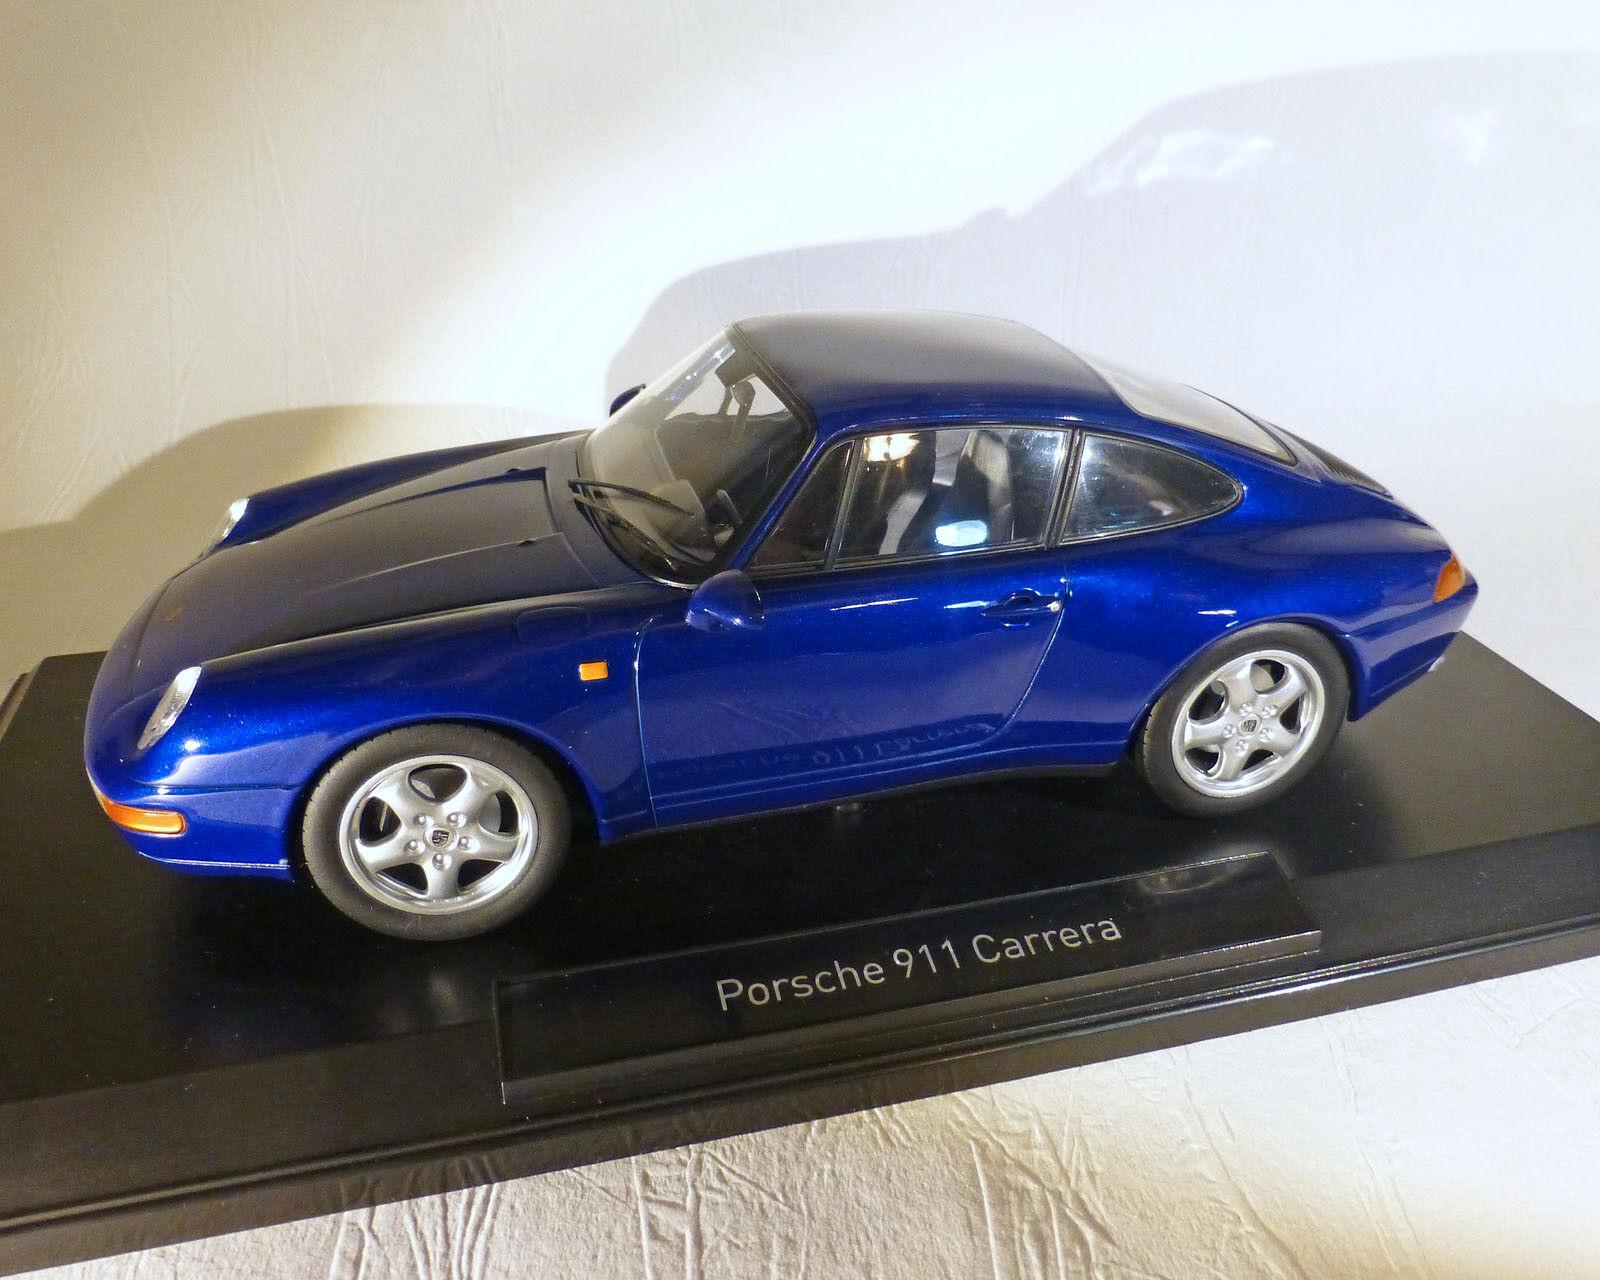 PORSCHE 911 CARRERA 1993, bleu métallisé, NOREV 1 18